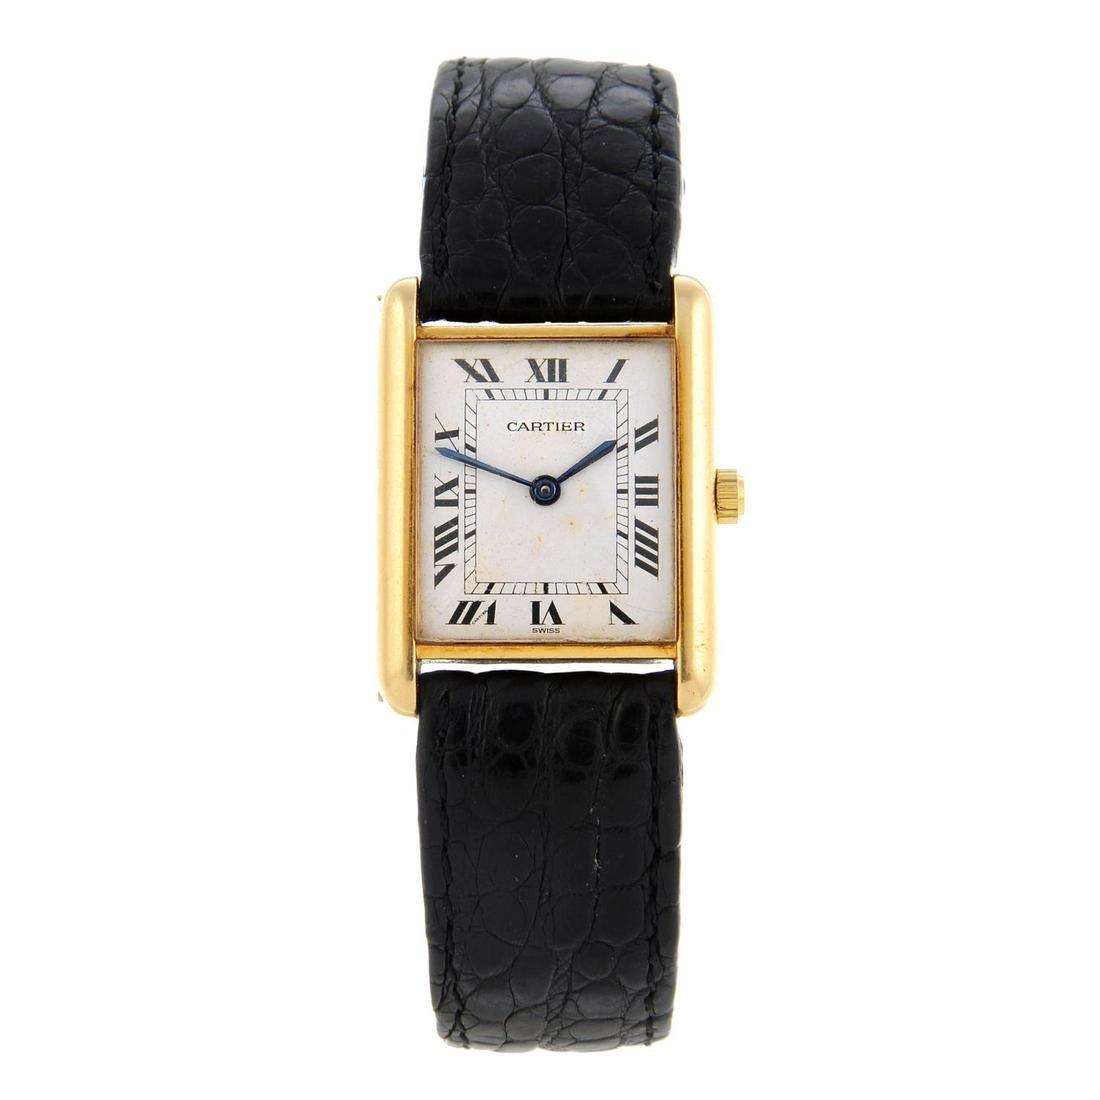 CARTIER - a Tank wrist watch. Yellow metal case,